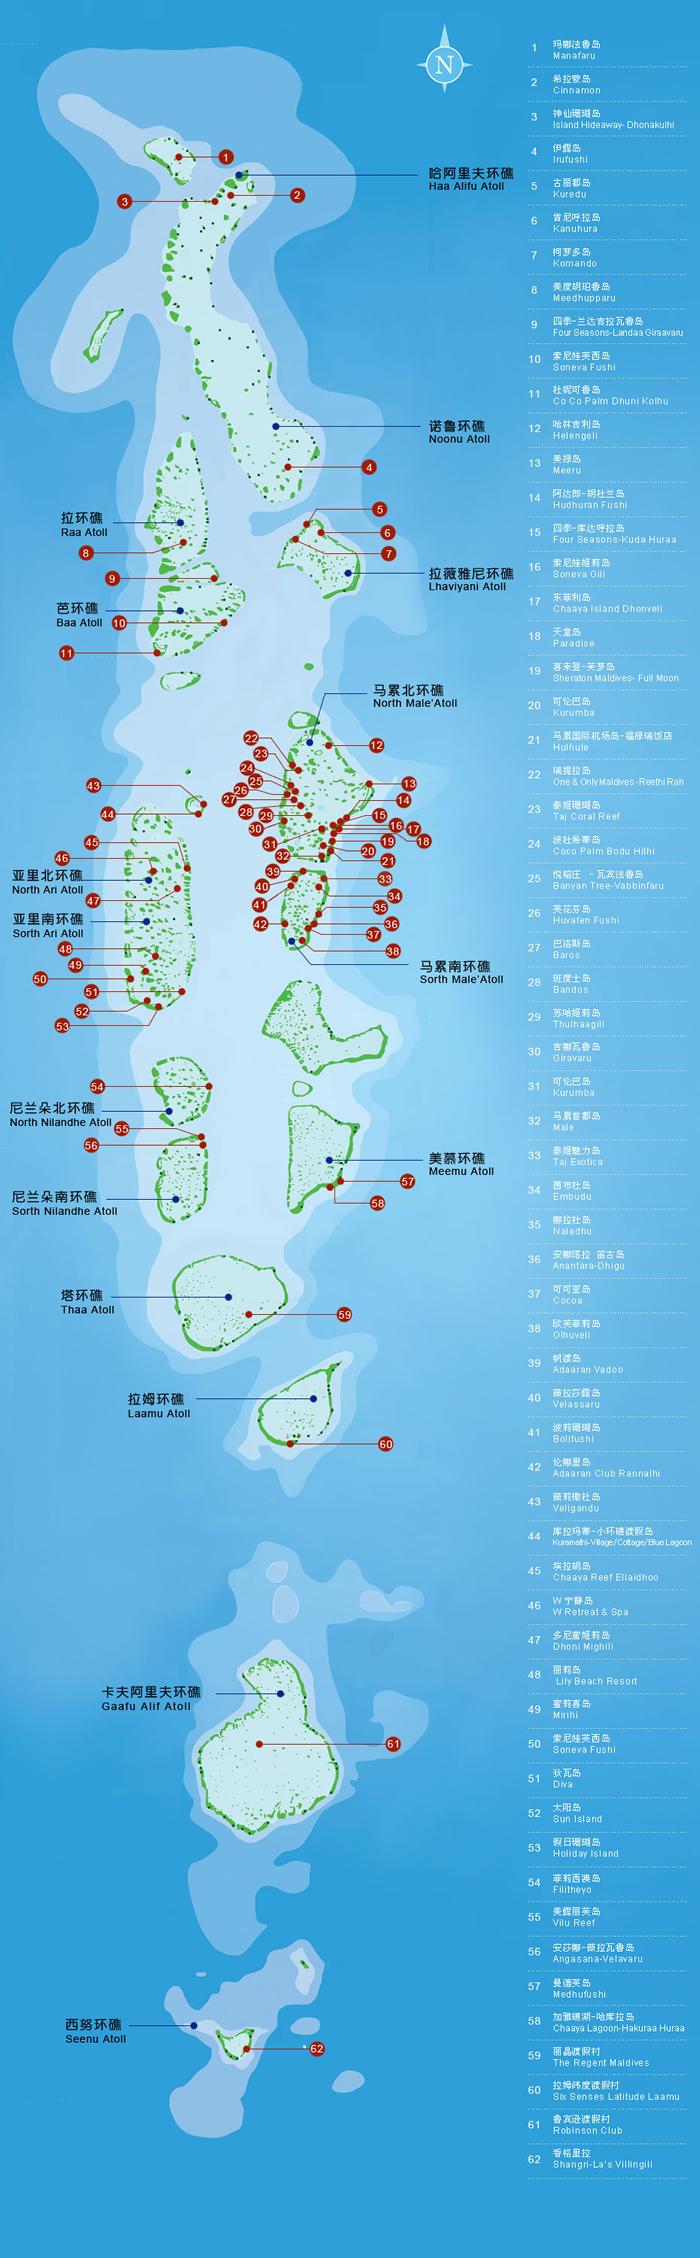 马尔代夫:上帝抛洒人间的项链,印度洋上人间最后的乐园   马尔代夫是南亚最火的旅游胜地,因其独特的岛屿旅游和热带雨林的气候,一般冬季游玩的人会比较多,而马尔代夫在哪里出行的交通方式以及马尔代旅游特色是您了解马尔代夫的必要前提,首先: 马尔代夫是属于哪个国家的   马尔代夫本身就是一个国家,位于南亚,是印度洋上一个岛国,由1190余个小珊瑚岛屿组成,其中202个岛屿有人居住。东北与斯里兰卡相距675公里,北部与印度的米尼科伊岛相距约113公里。马尔代夫是亚洲第二个小国,也是世界最大的珊瑚岛国。南部的赤